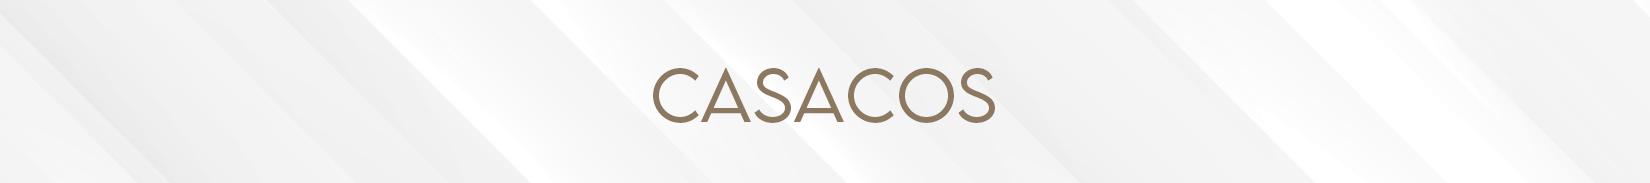 Departamento Casacos